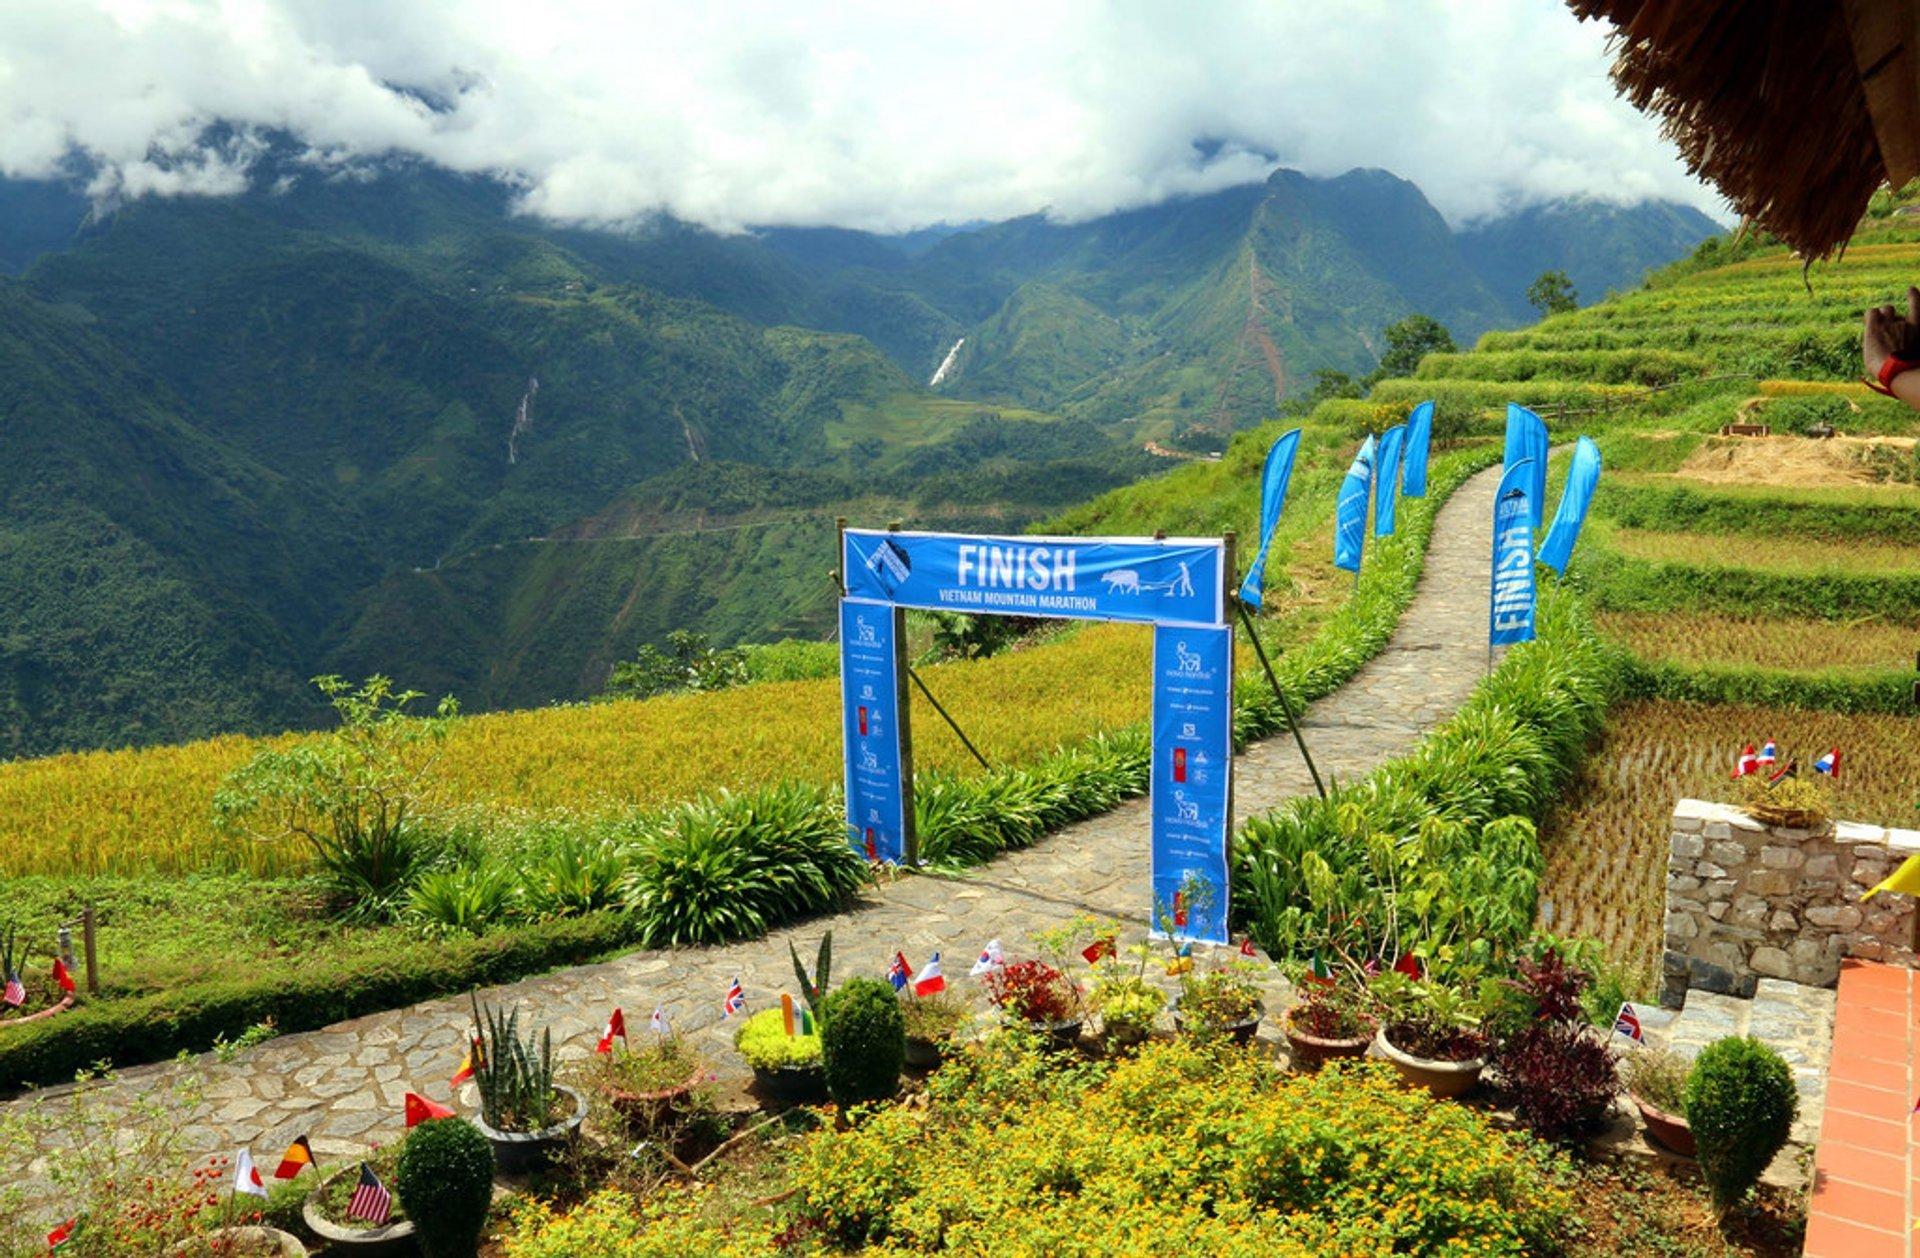 Vietnam Mountain Marathon in Vietnam 2020 - Best Time